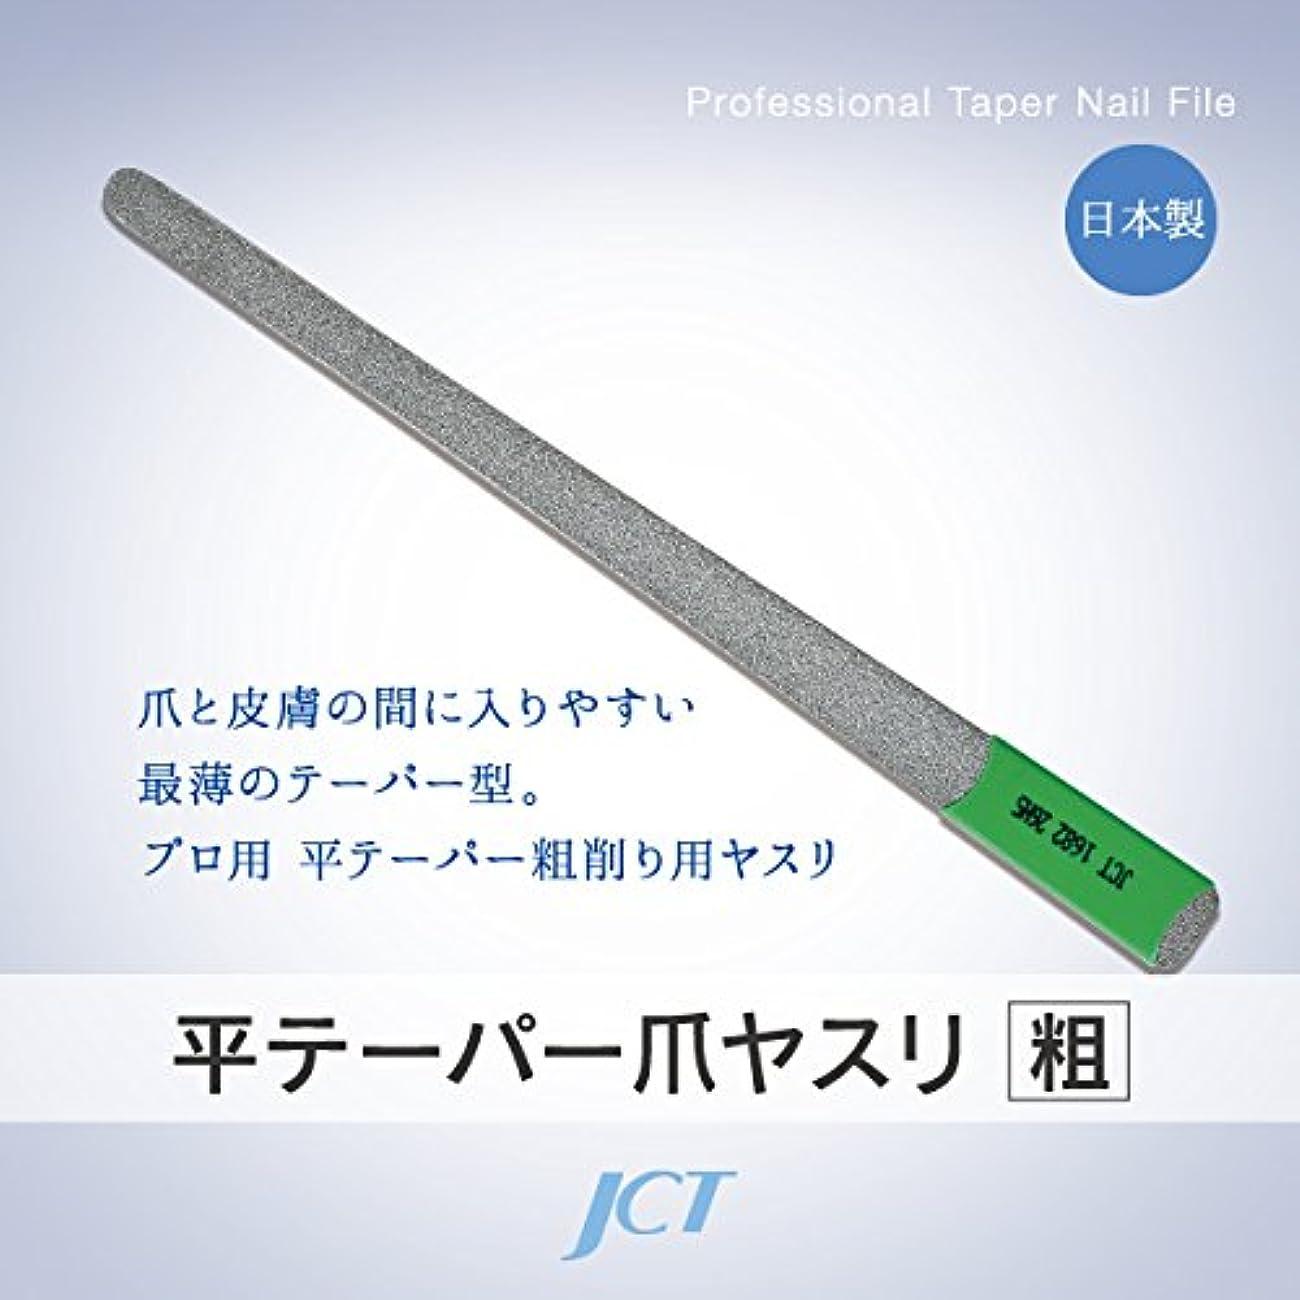 ファーム失望マラウイJCT メディカル フットケア ダイヤモンド平テーパー爪ヤスリ(粗) 滅菌可 日本製 1年間保証付